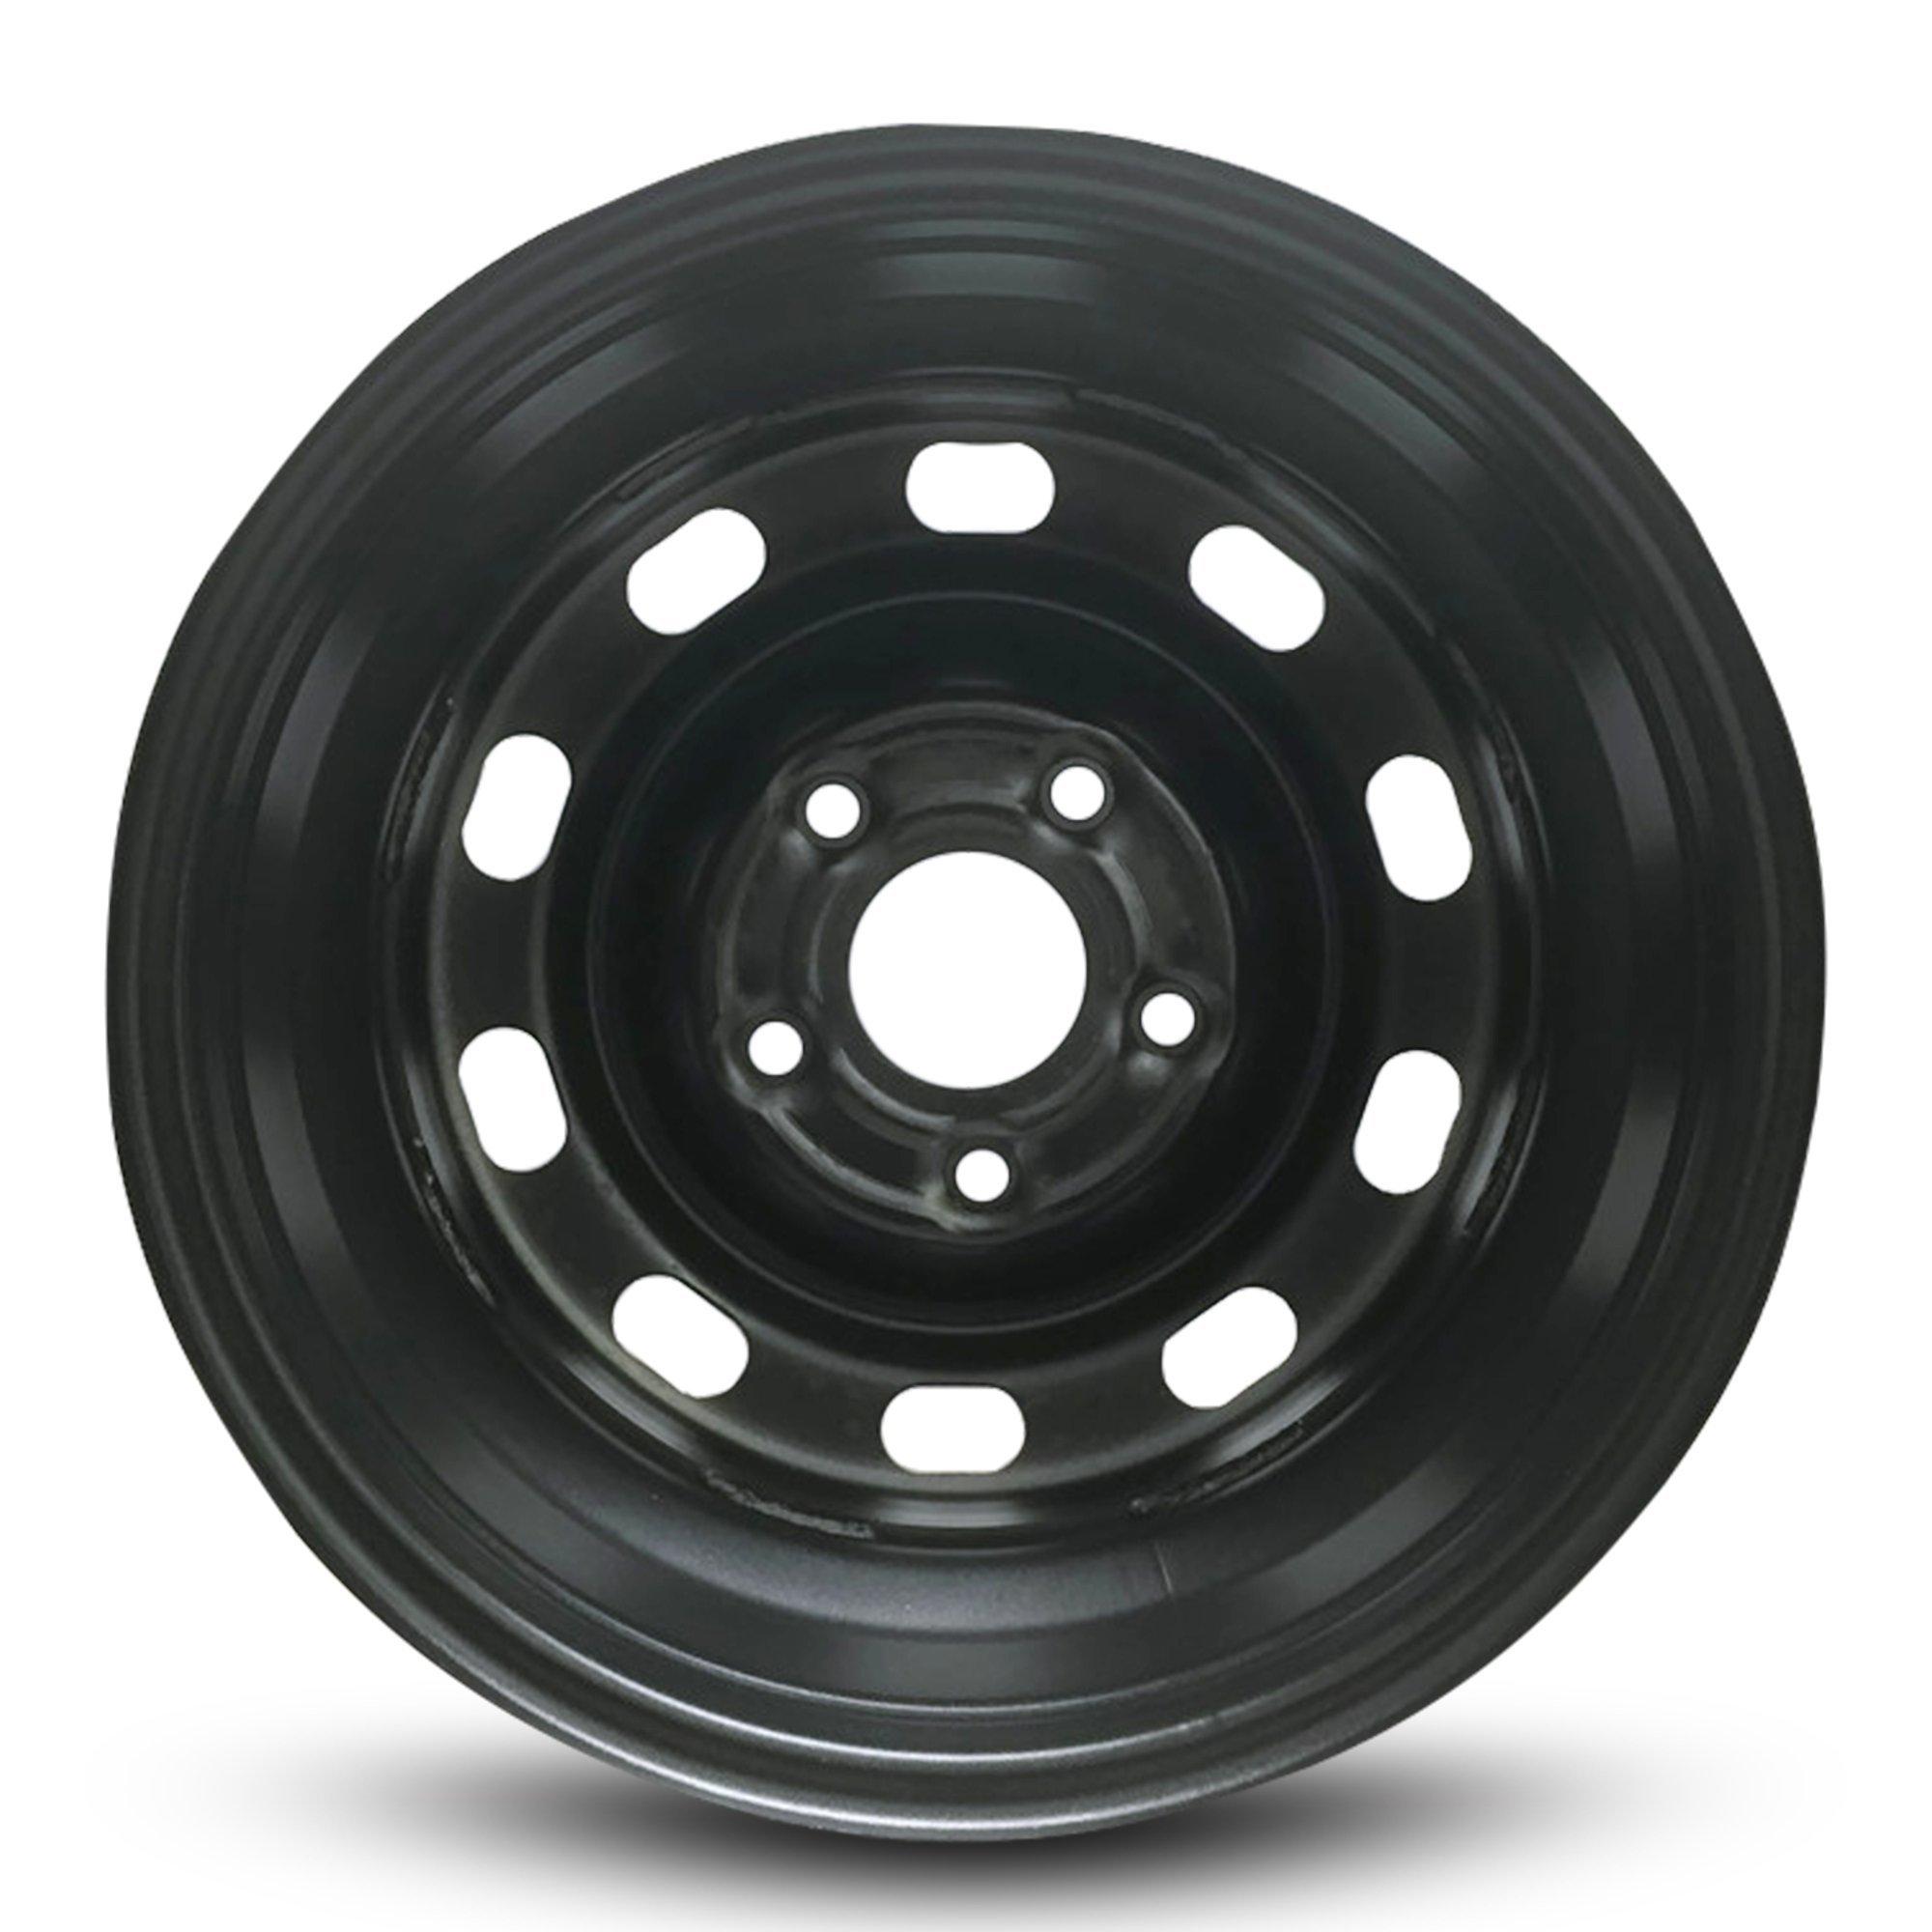 Dodge Ram 1500 Truck 17 Inch 5 Lug Steel Rim/17x7 5-139.7 Steel Wheel by Road Ready Wheels (Image #3)